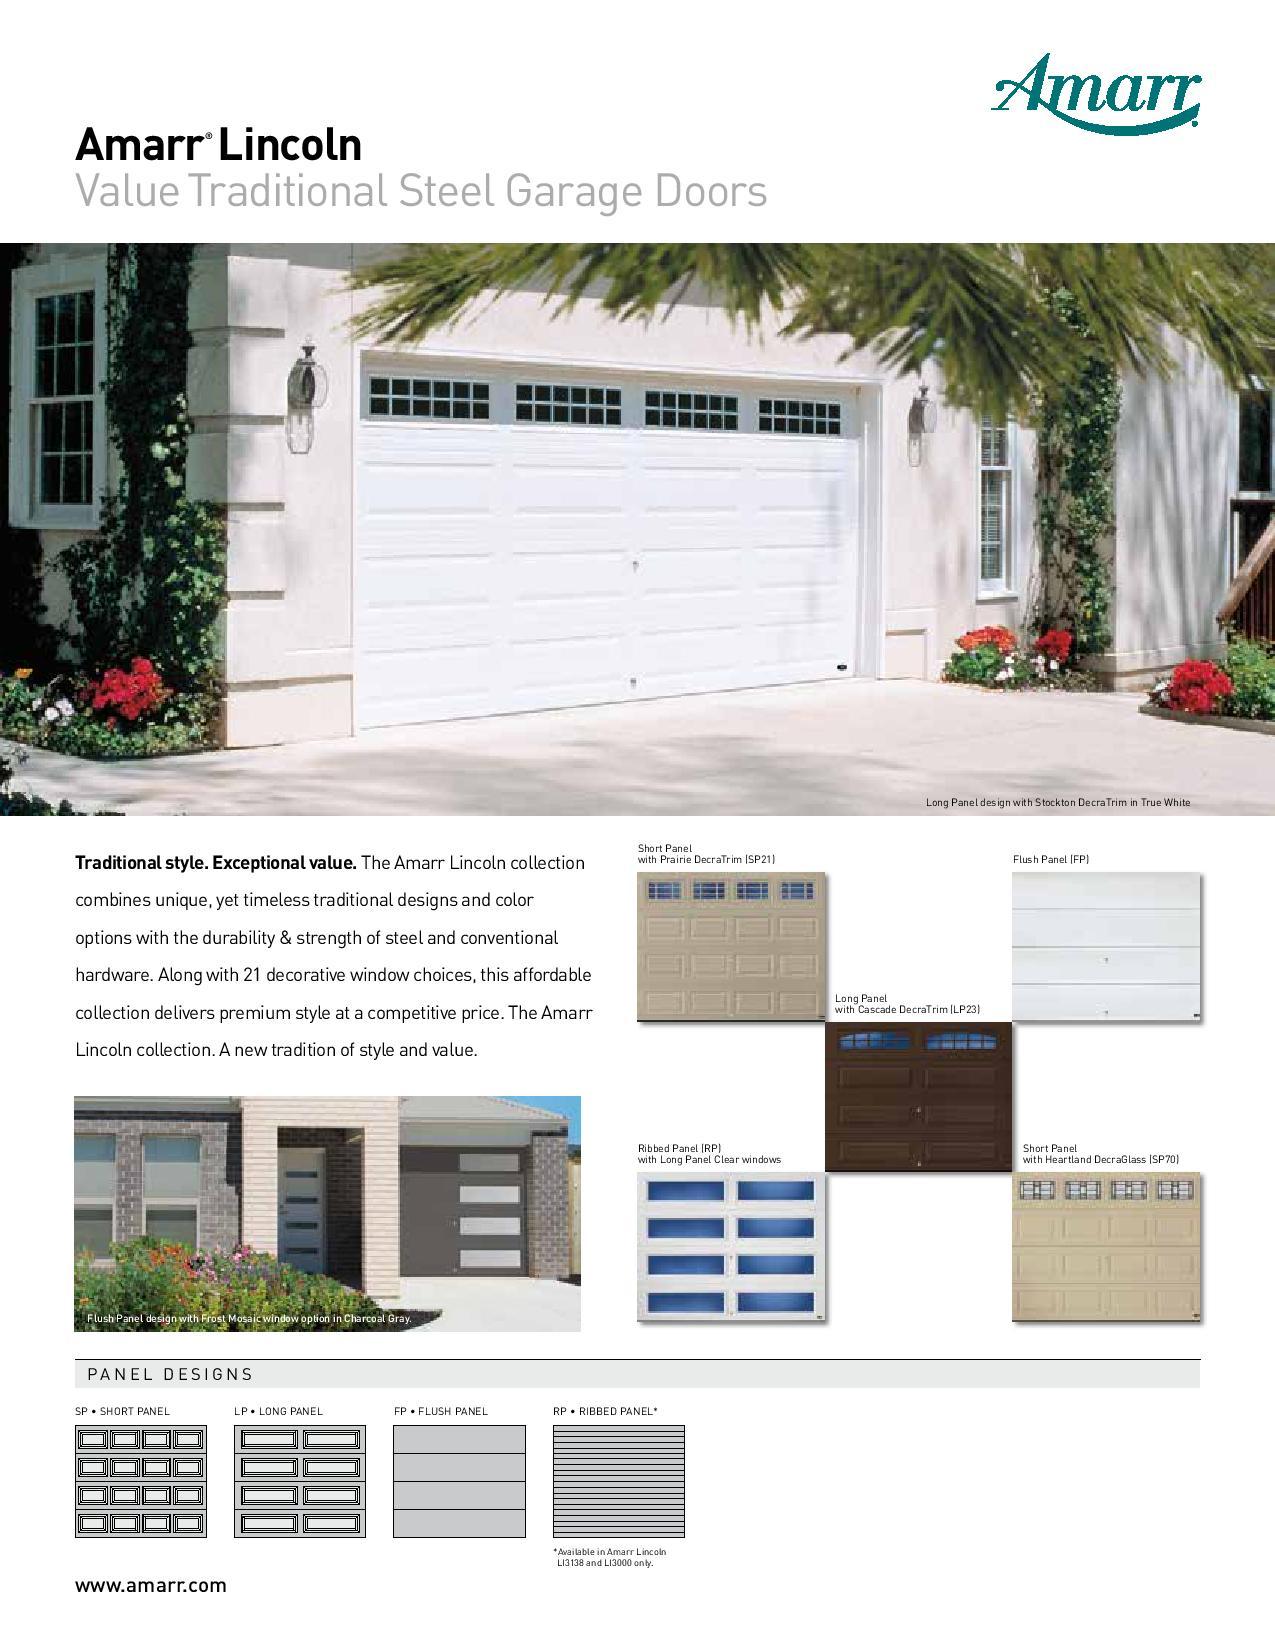 Overhead garage doors for sale in Calgary